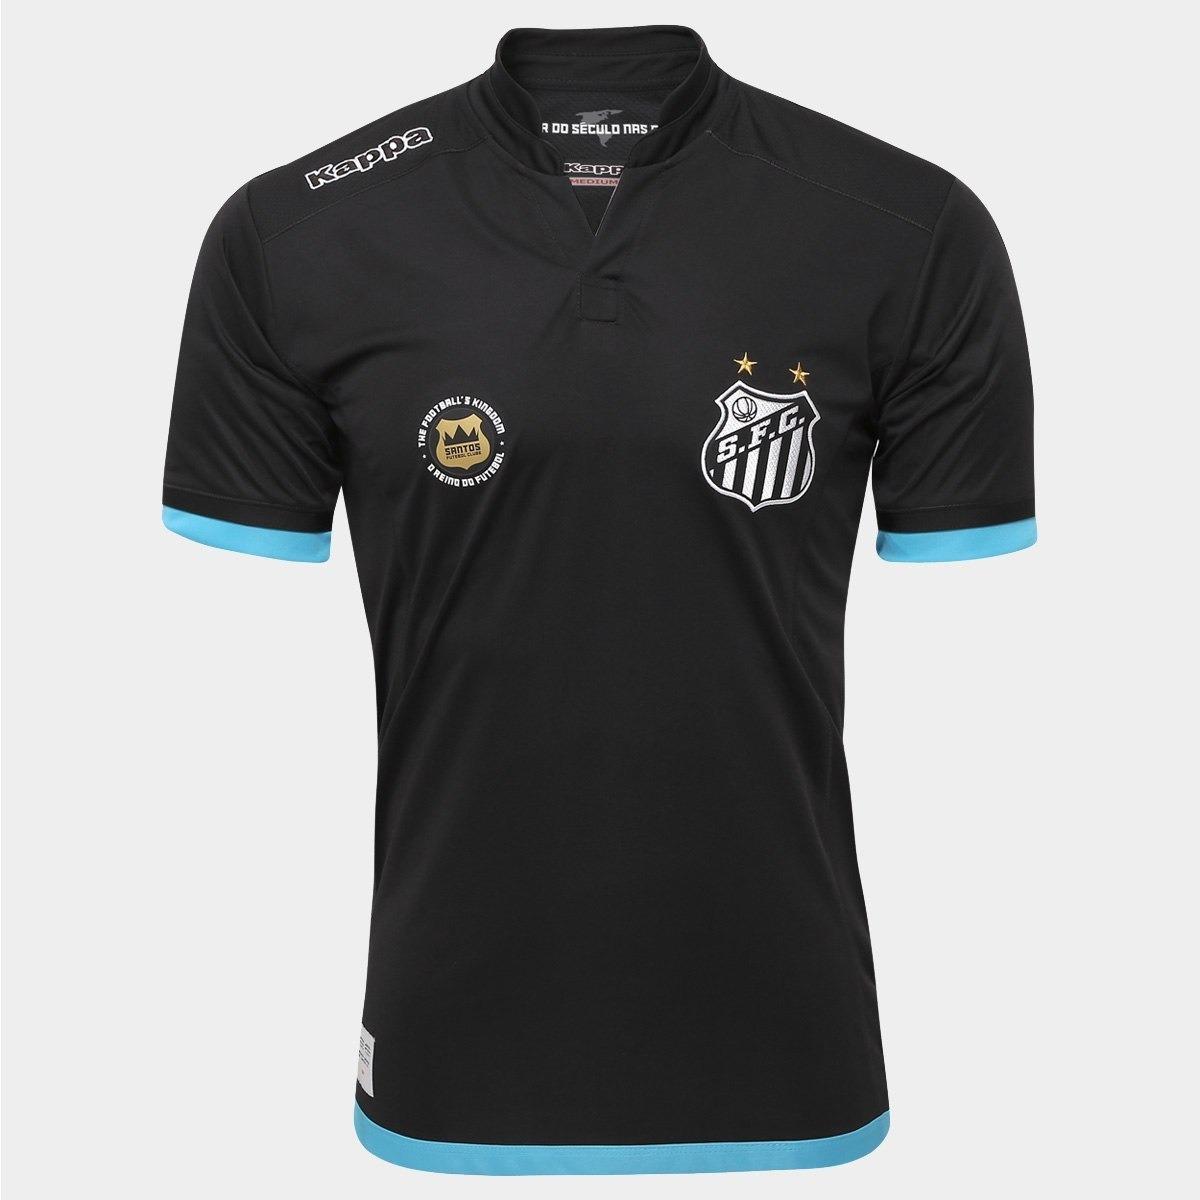 635ac73e97 o u t l e t 477 camisa santos goleiro oficial kappa 2016 17. Carregando  zoom.